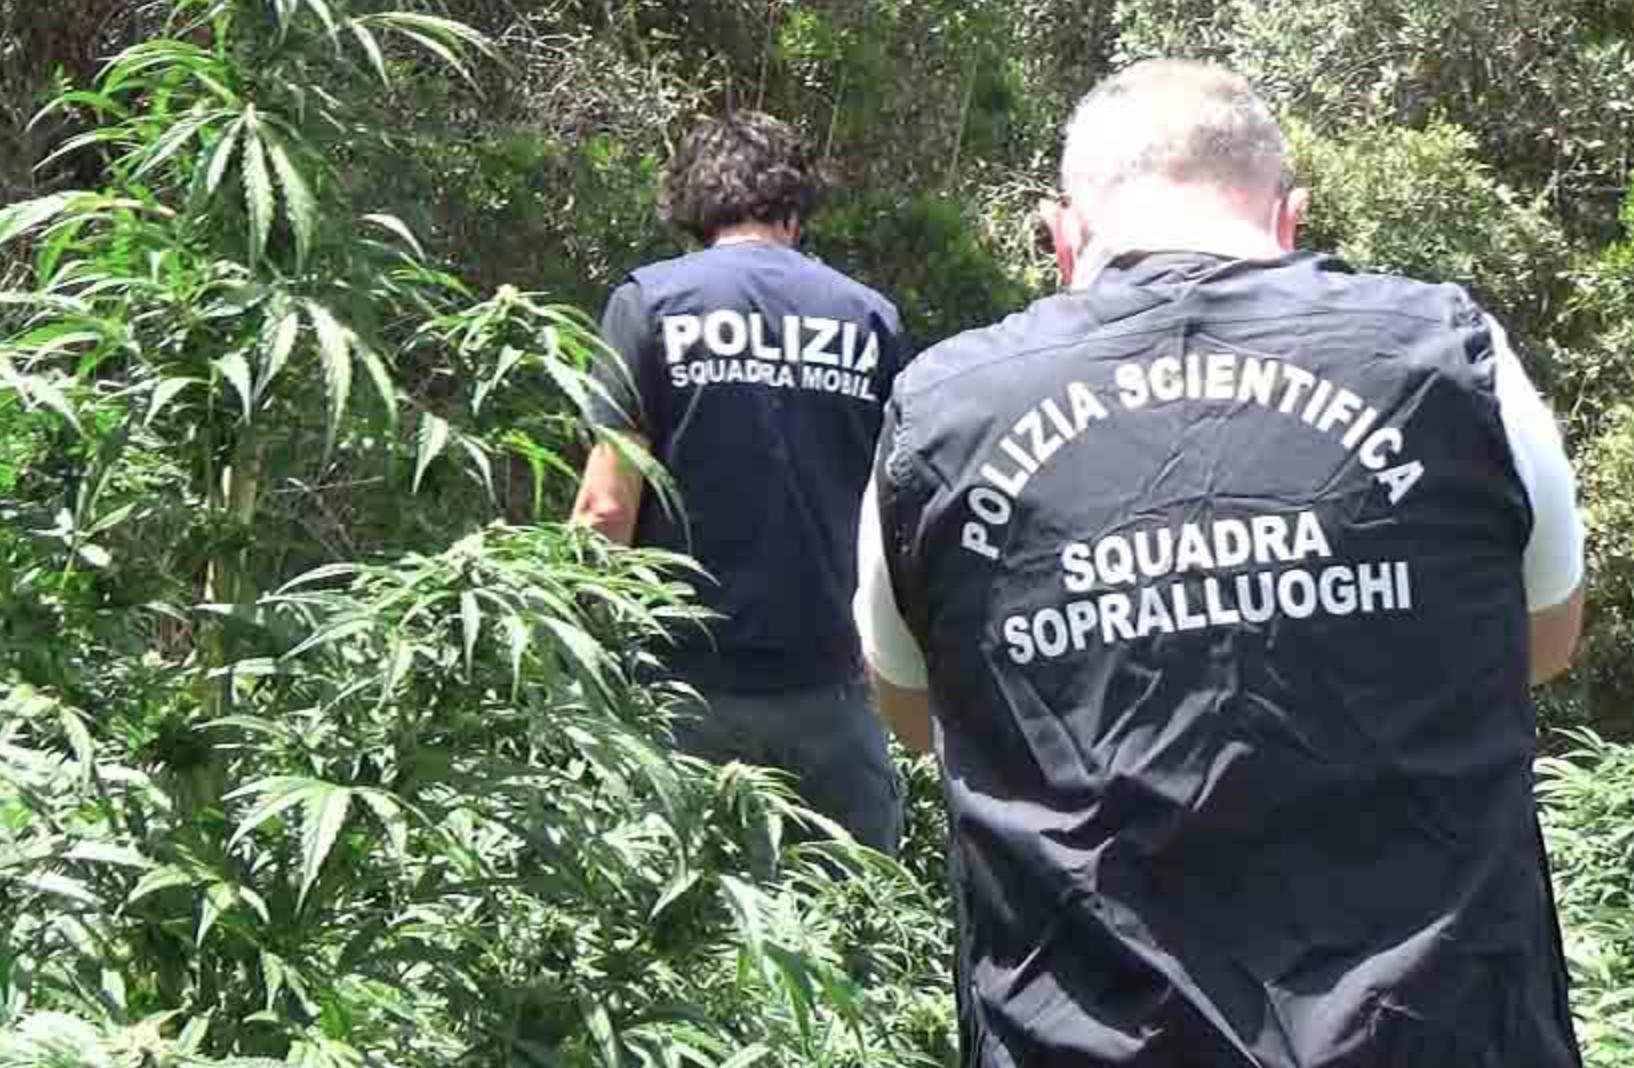 Scicli, maxi sequestro di cannabis: piantagione con 93 chili di droga